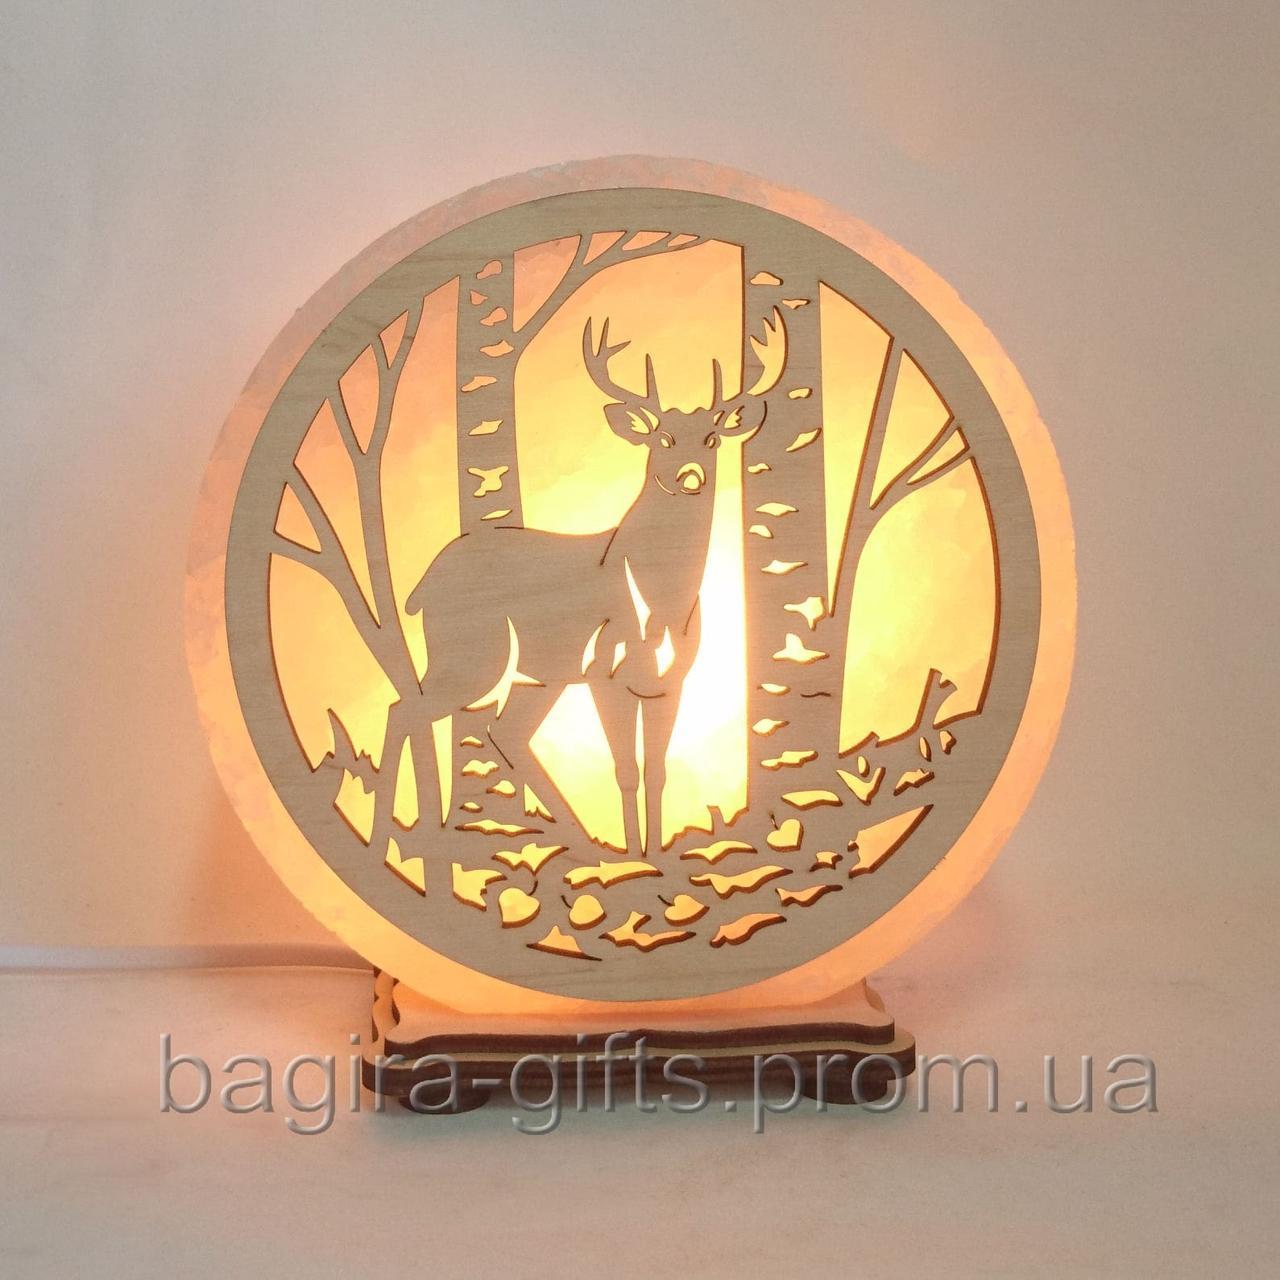 Соляна лампа кругла Олень і берези